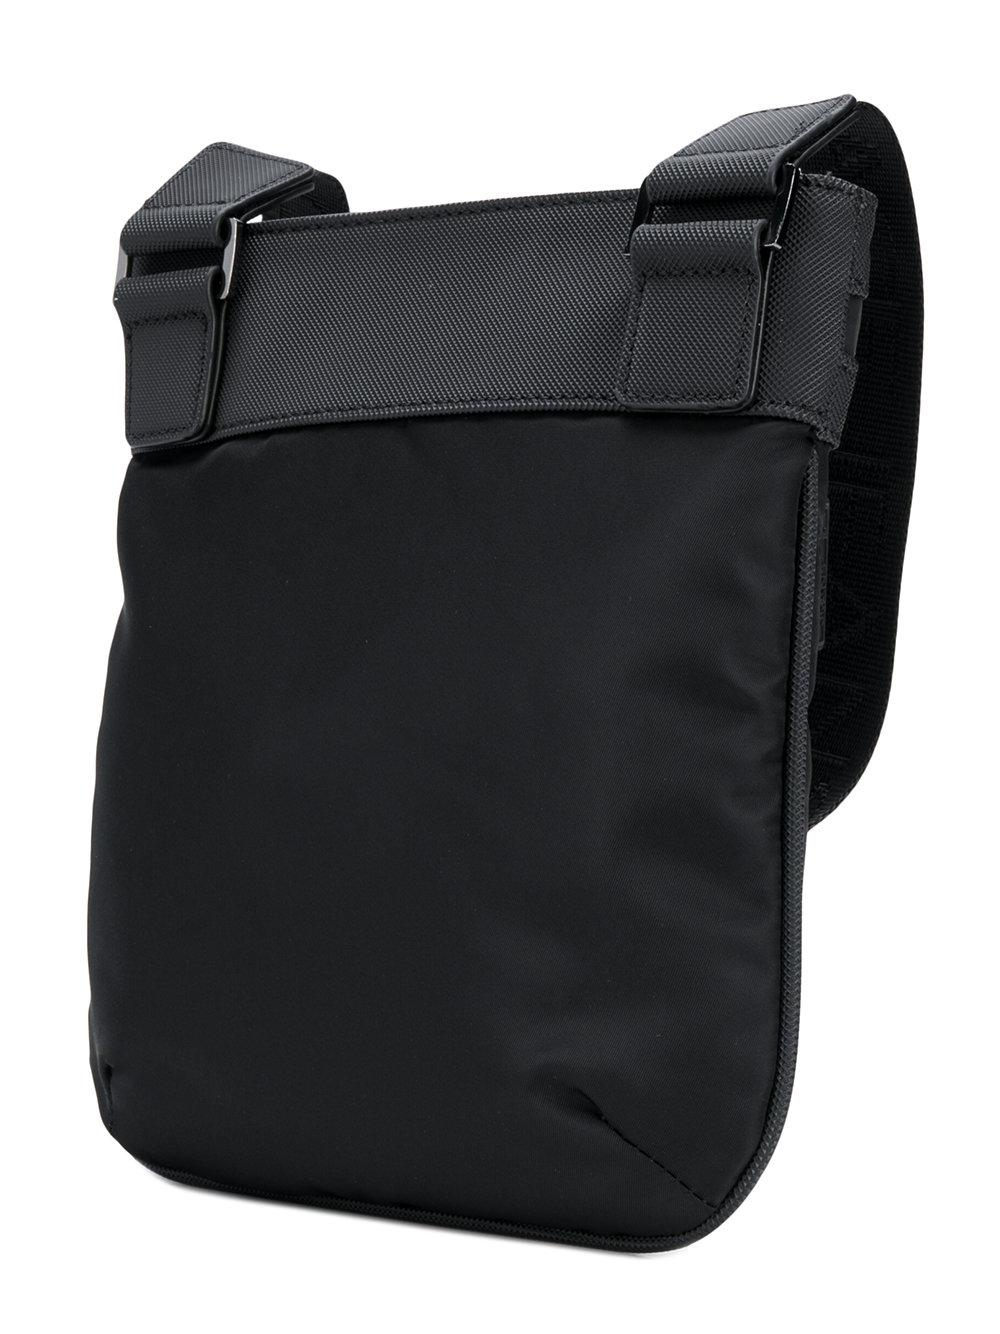 Lyst - Versace Jeans Logo Side Bag in Black for Men 74f32316cdda0